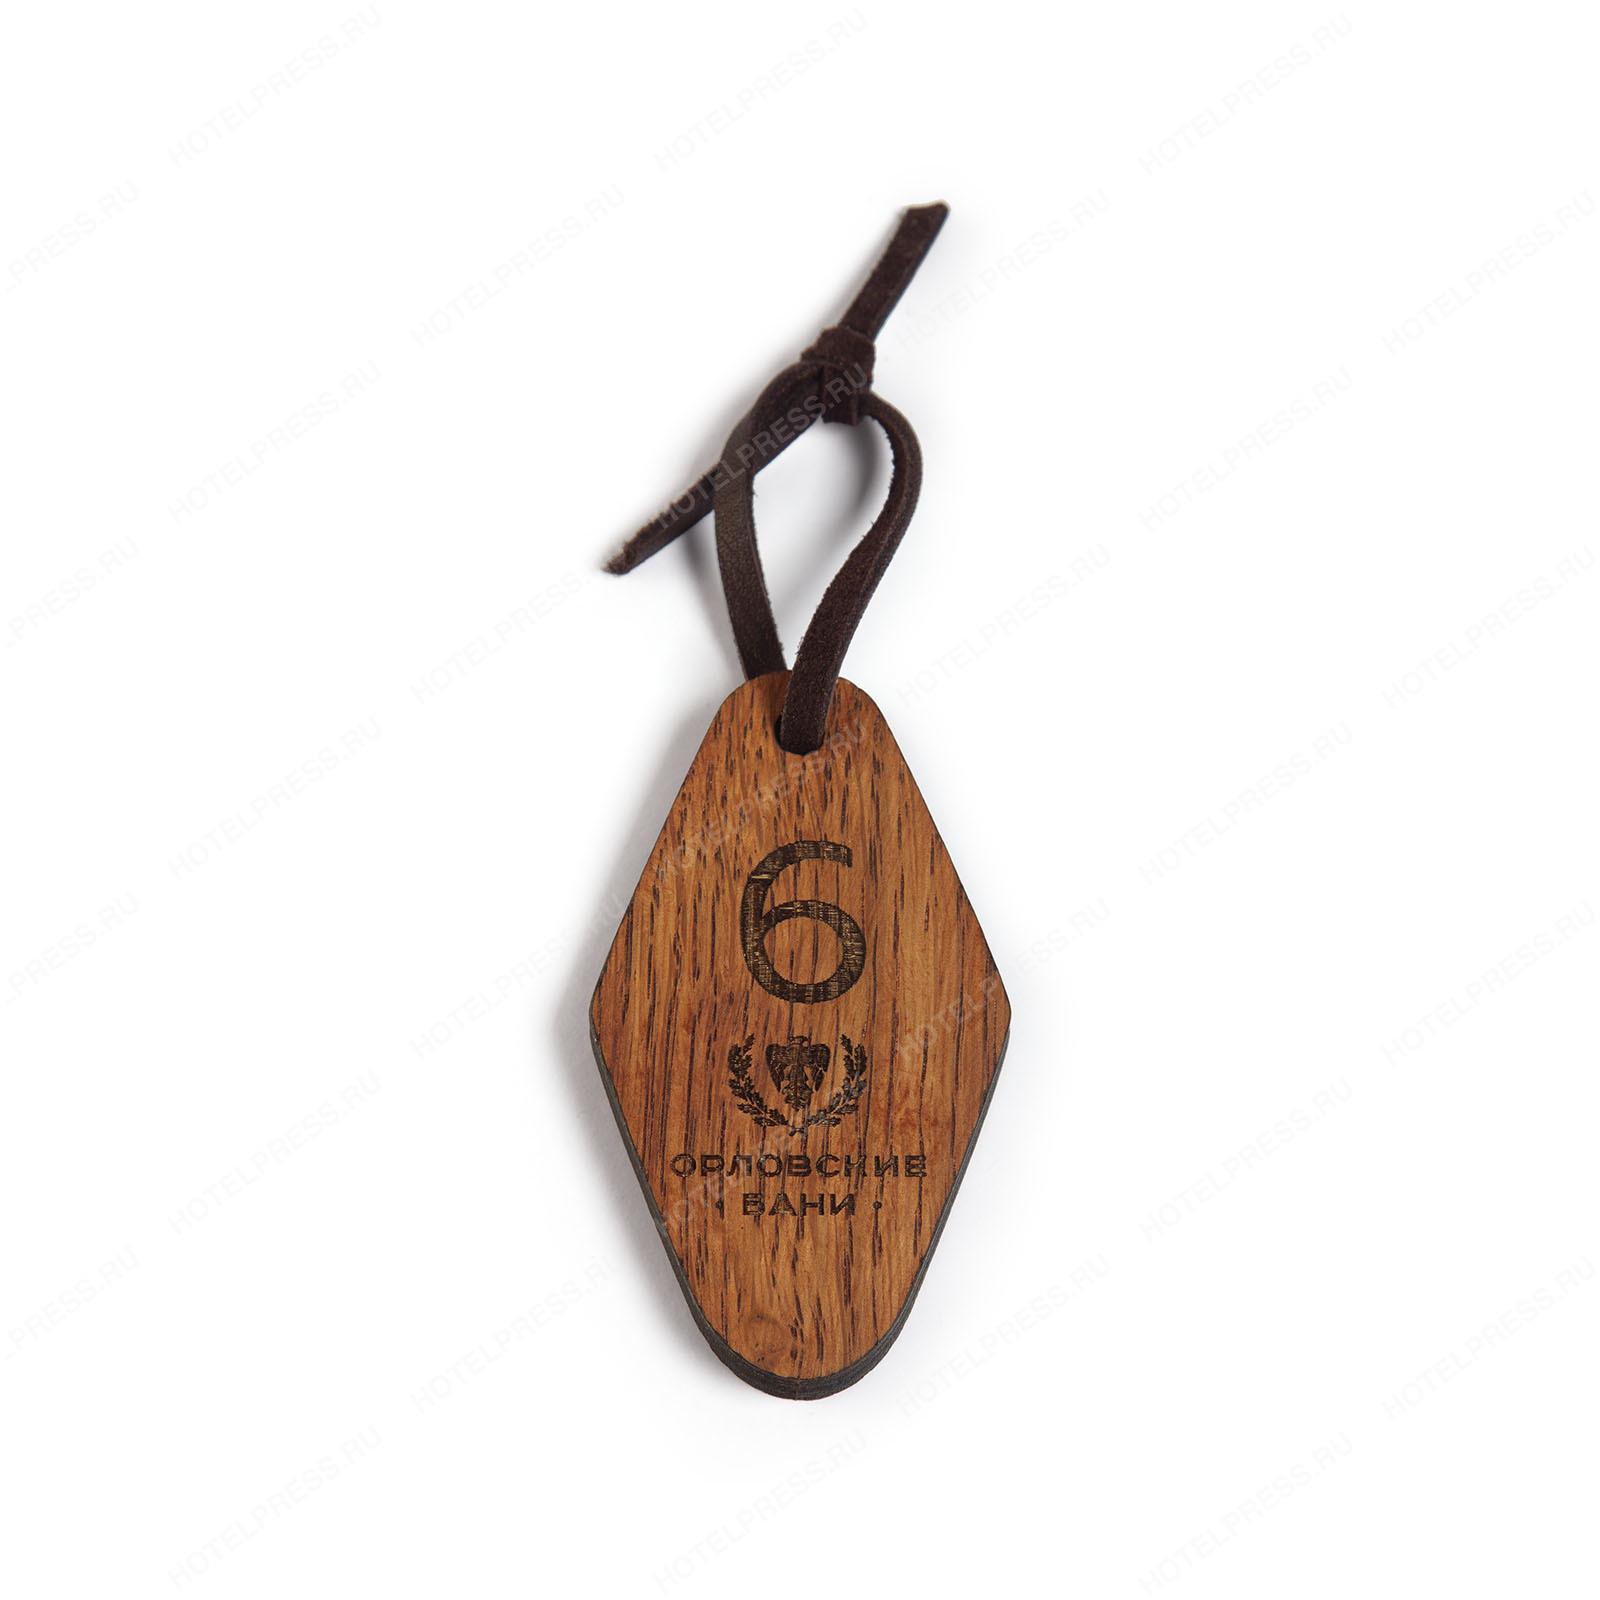 Номерок из дерева для «Орловские бани»